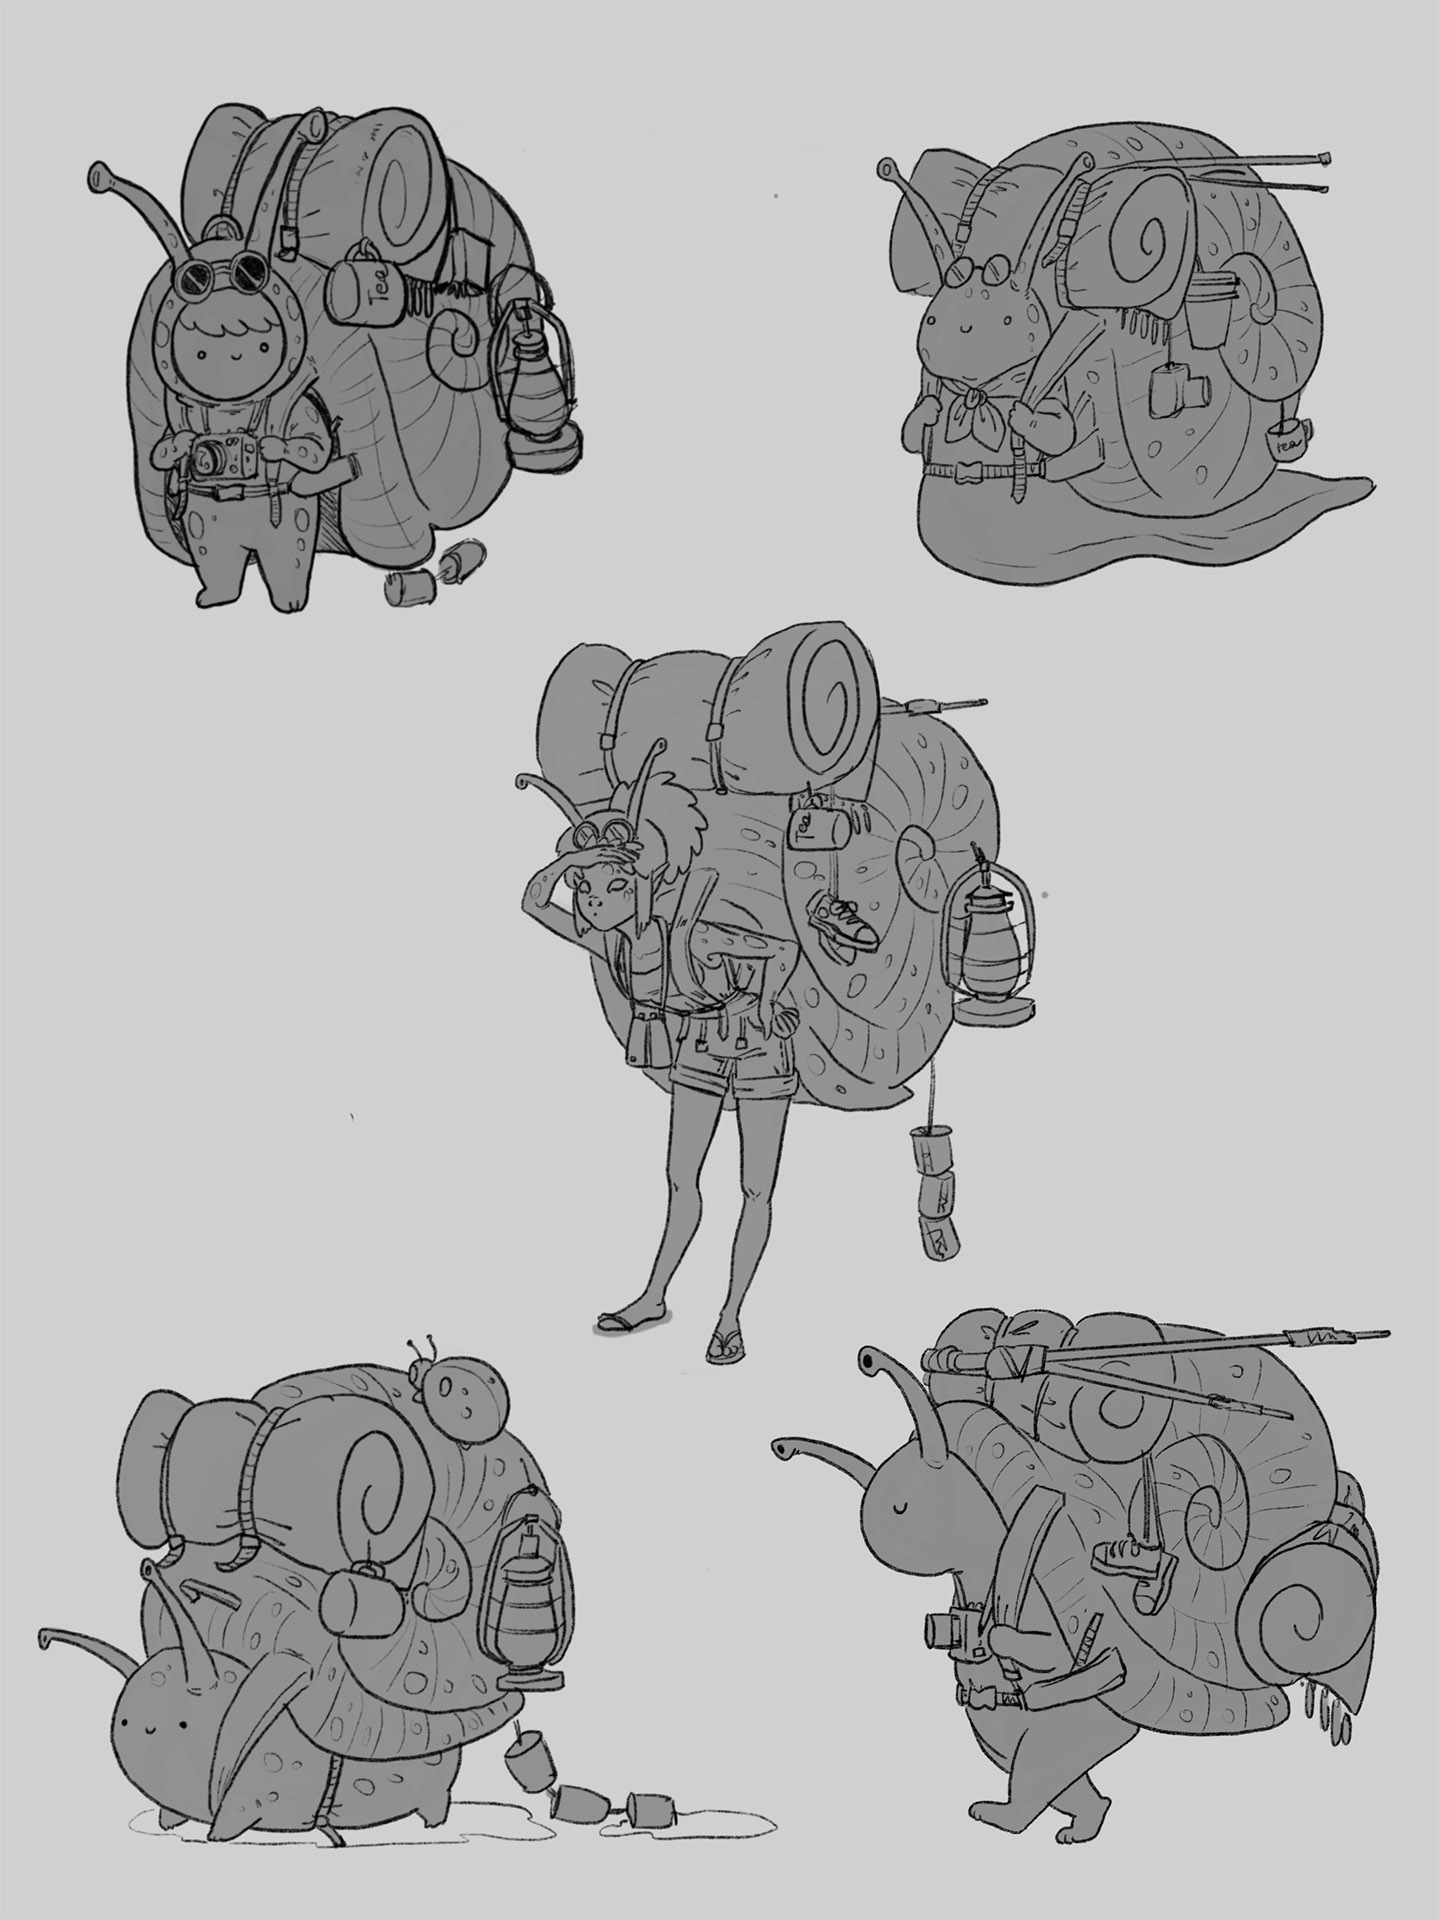 Backpacker sketch 2 image